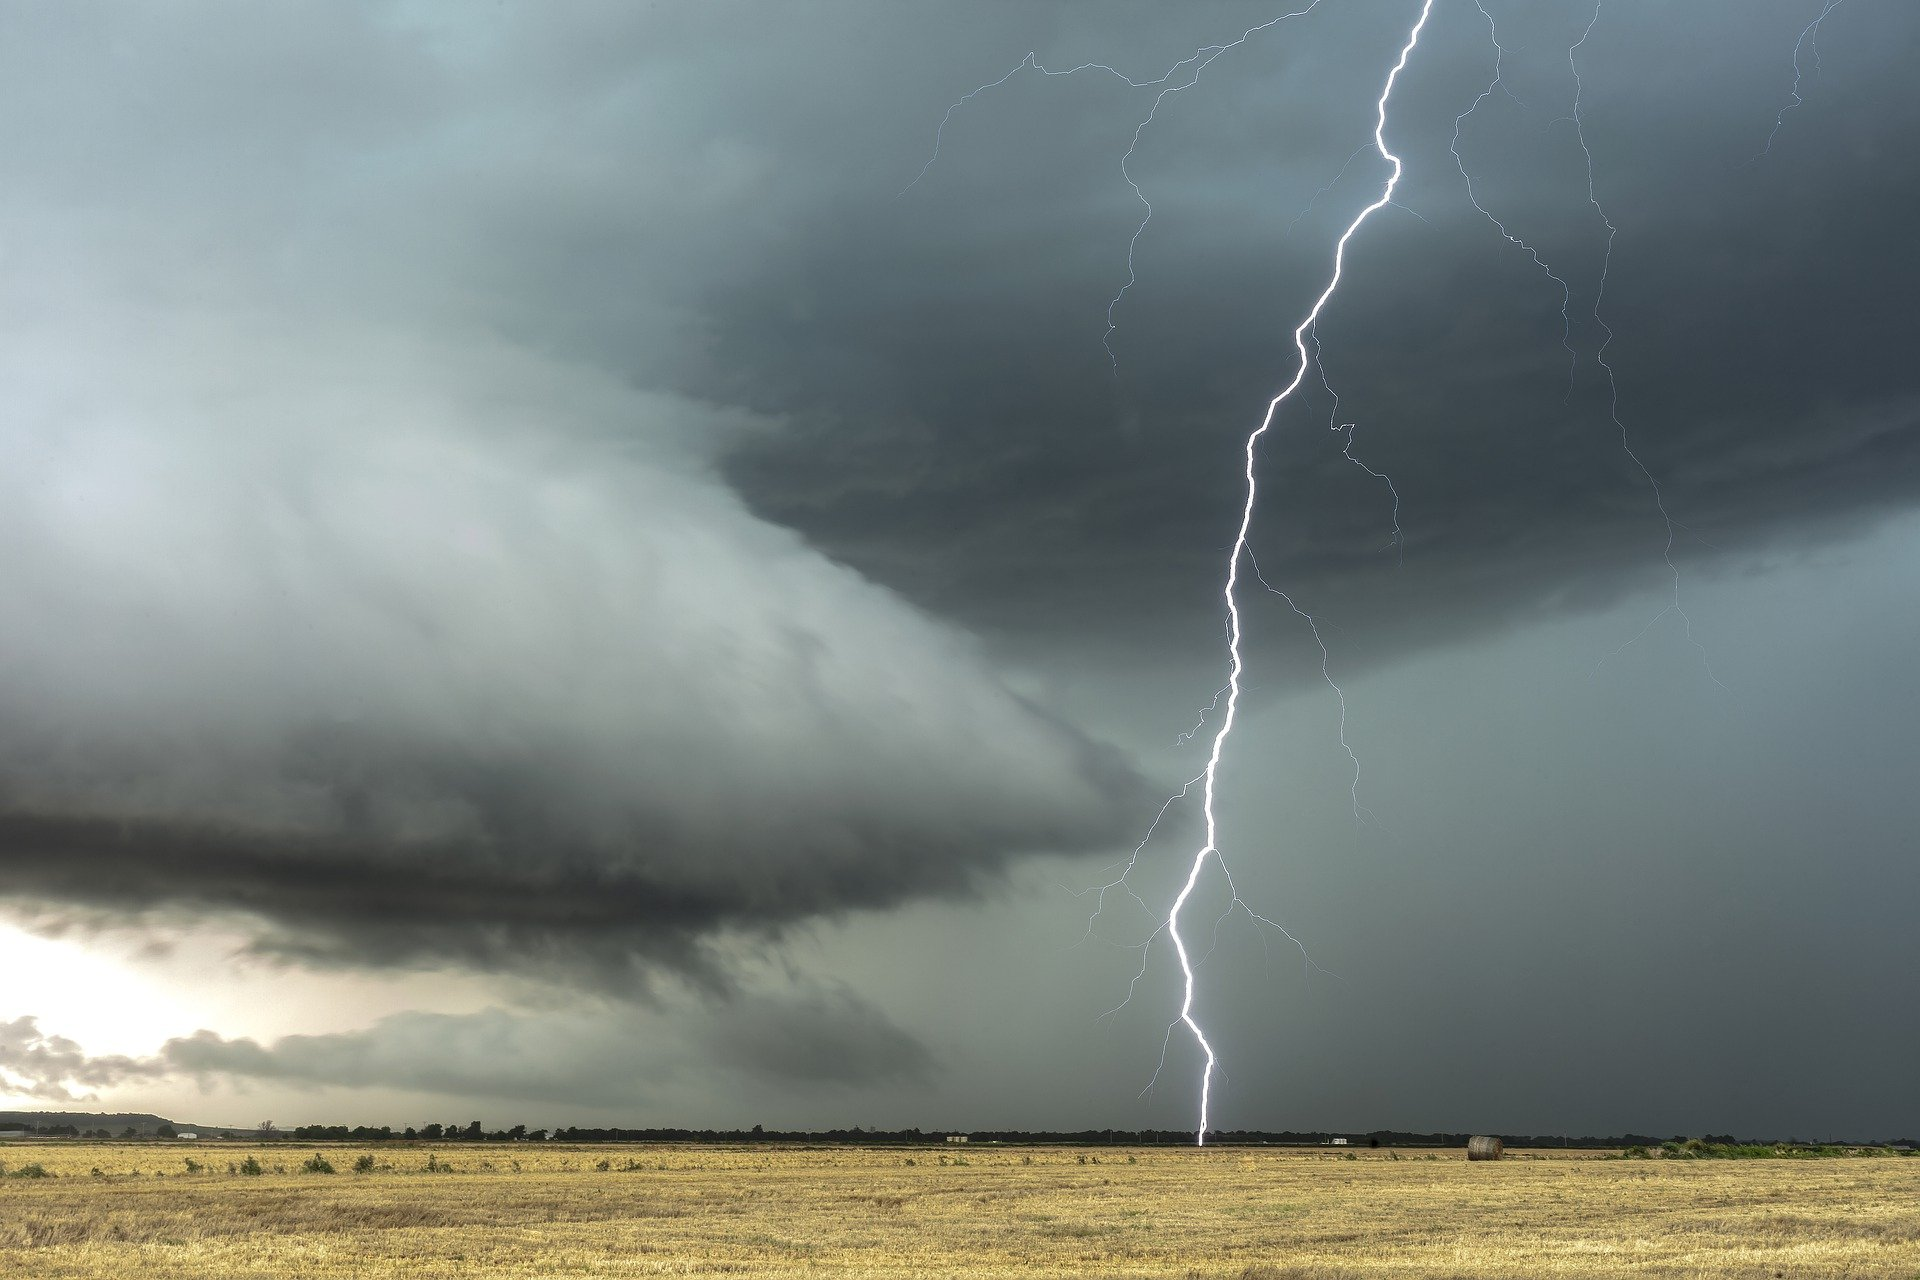 火災保険以外の自然災害も保険の対象になる